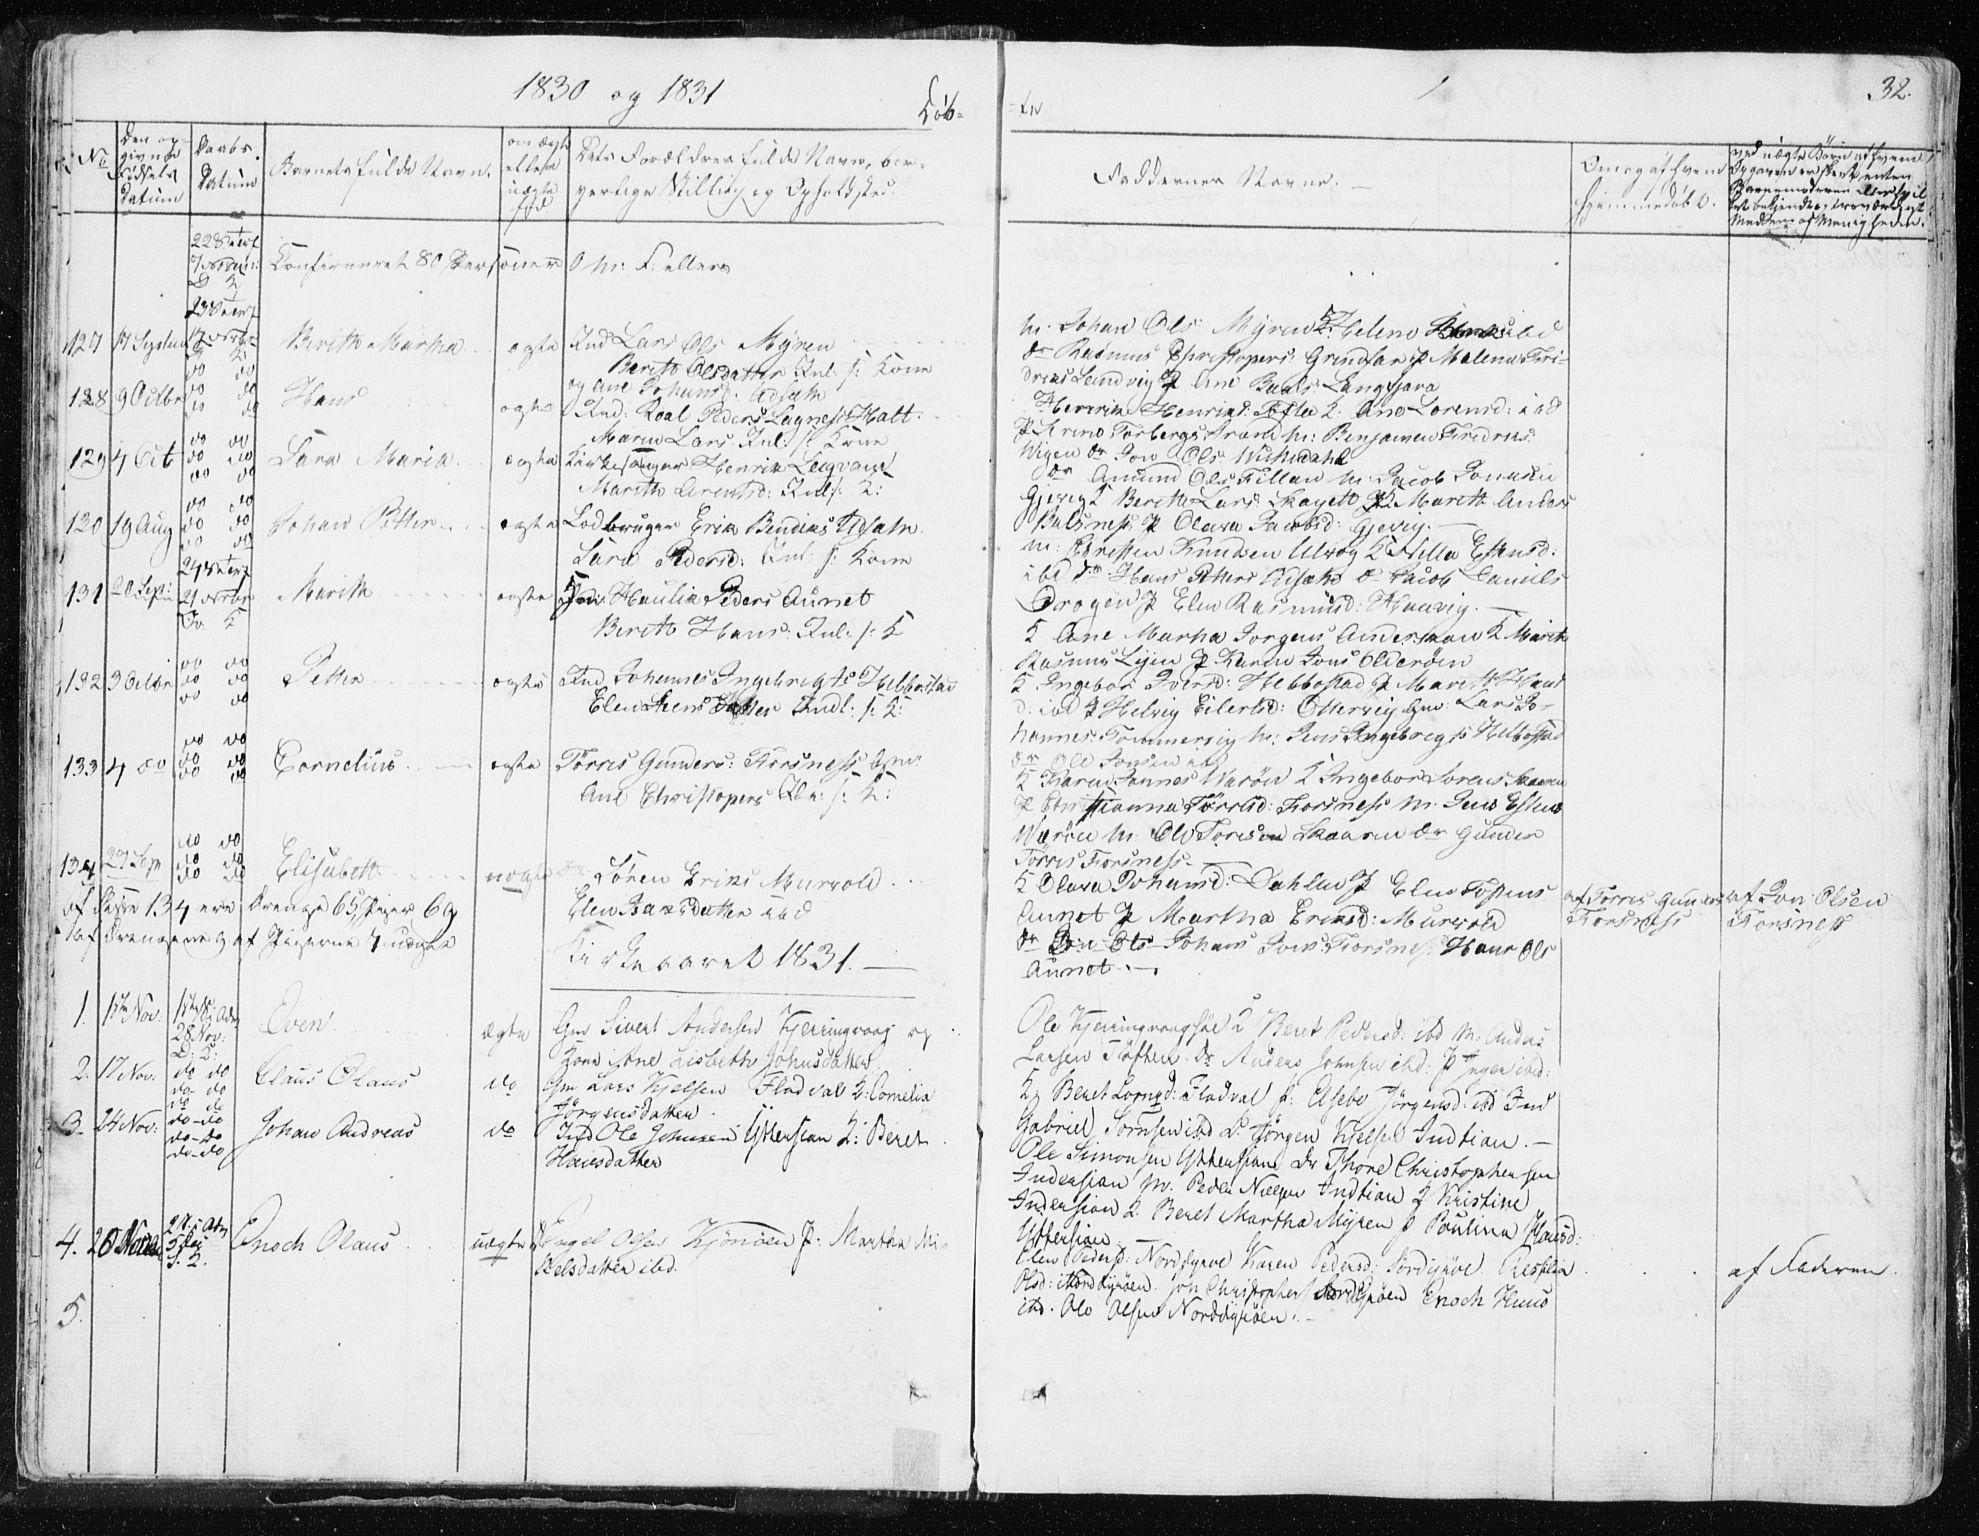 SAT, Ministerialprotokoller, klokkerbøker og fødselsregistre - Sør-Trøndelag, 634/L0528: Ministerialbok nr. 634A04, 1827-1842, s. 32